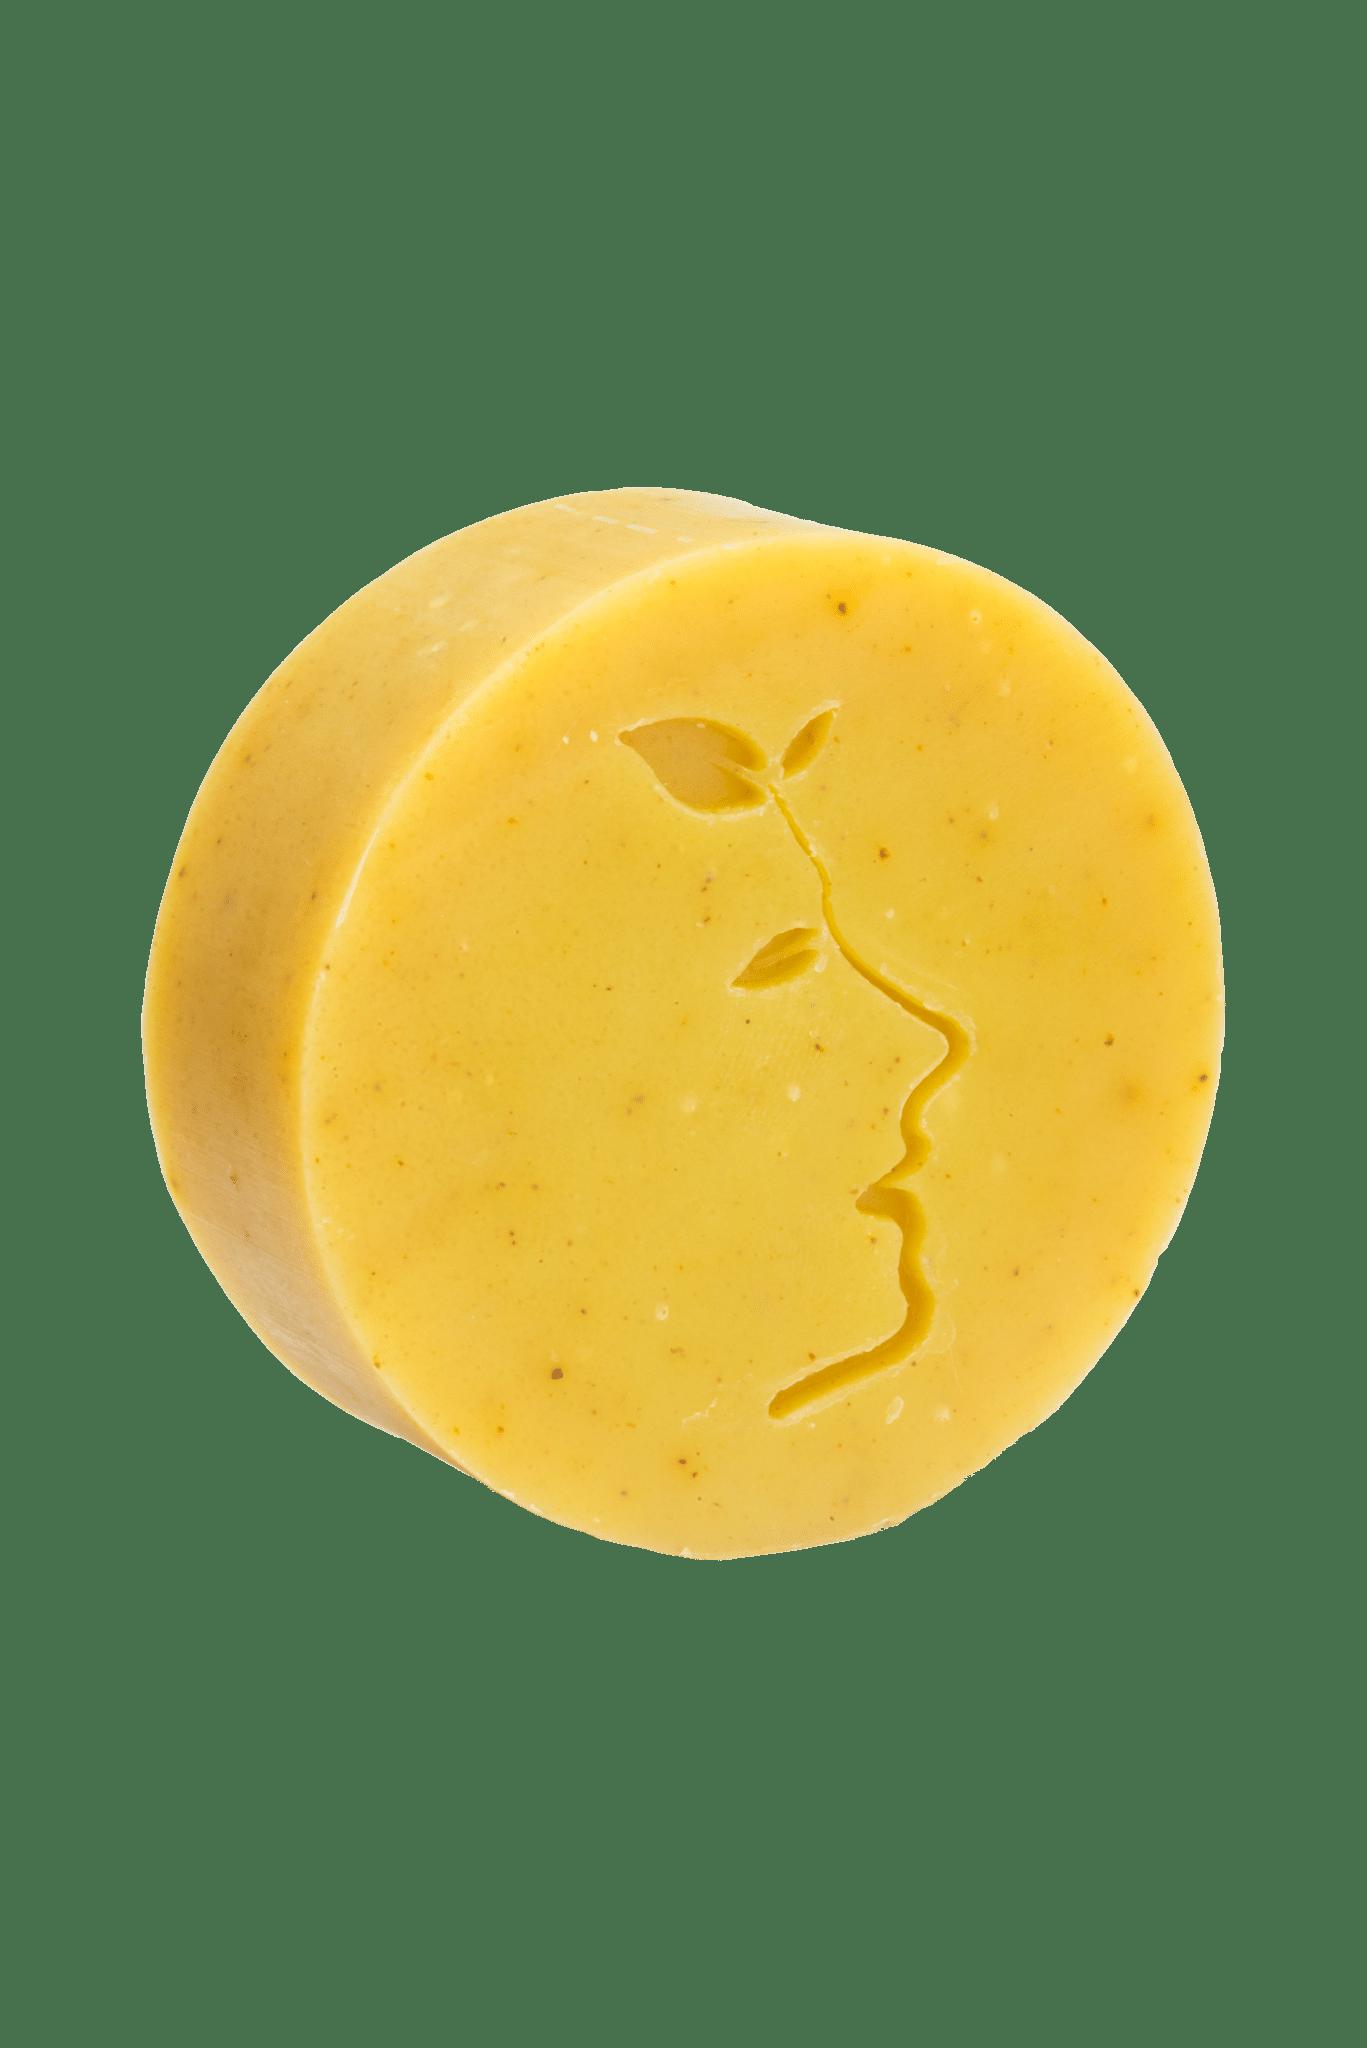 Savon Abricot karité - Savons naturels - Savonnerie du Colibri - Arlon, à la frontière entre la Belgique, la France et le Luxembourg